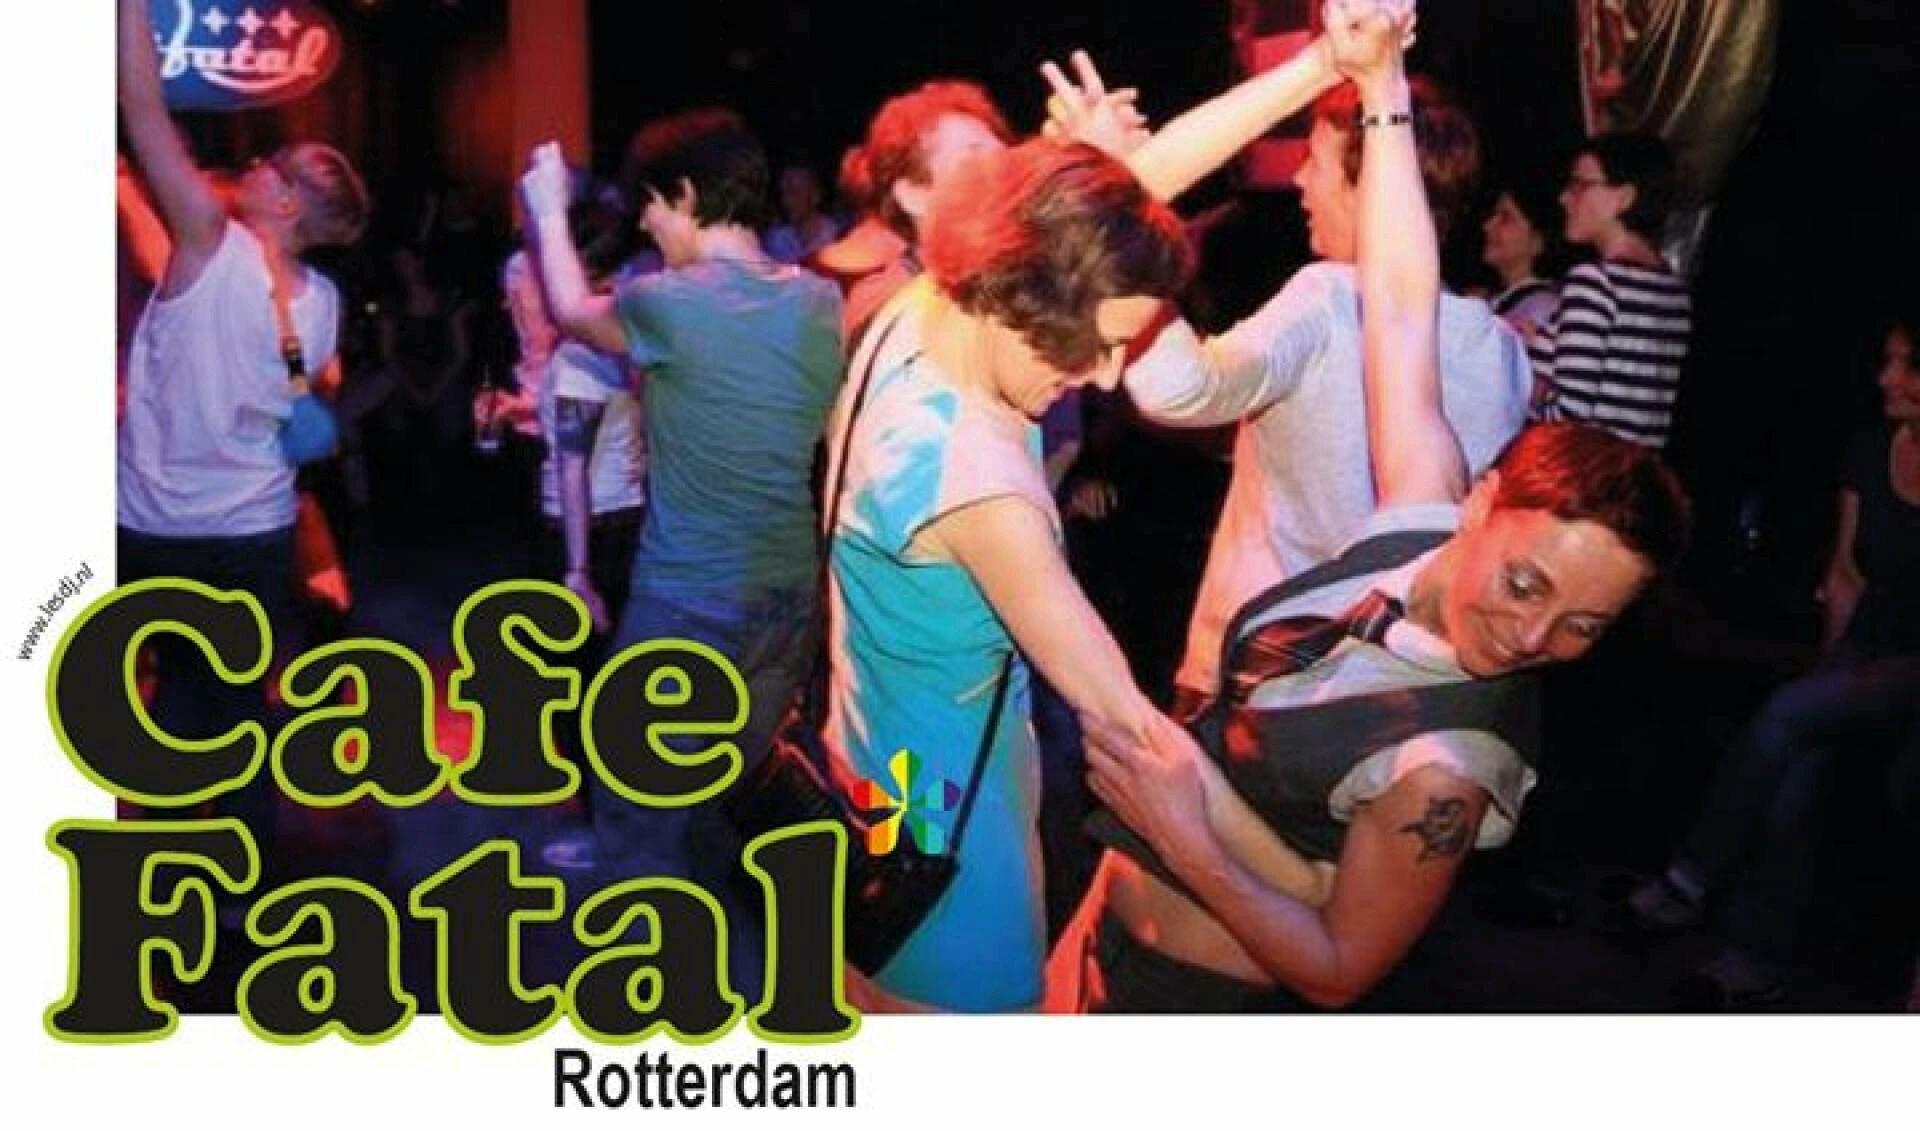 Dansen in 'Café Fatal'